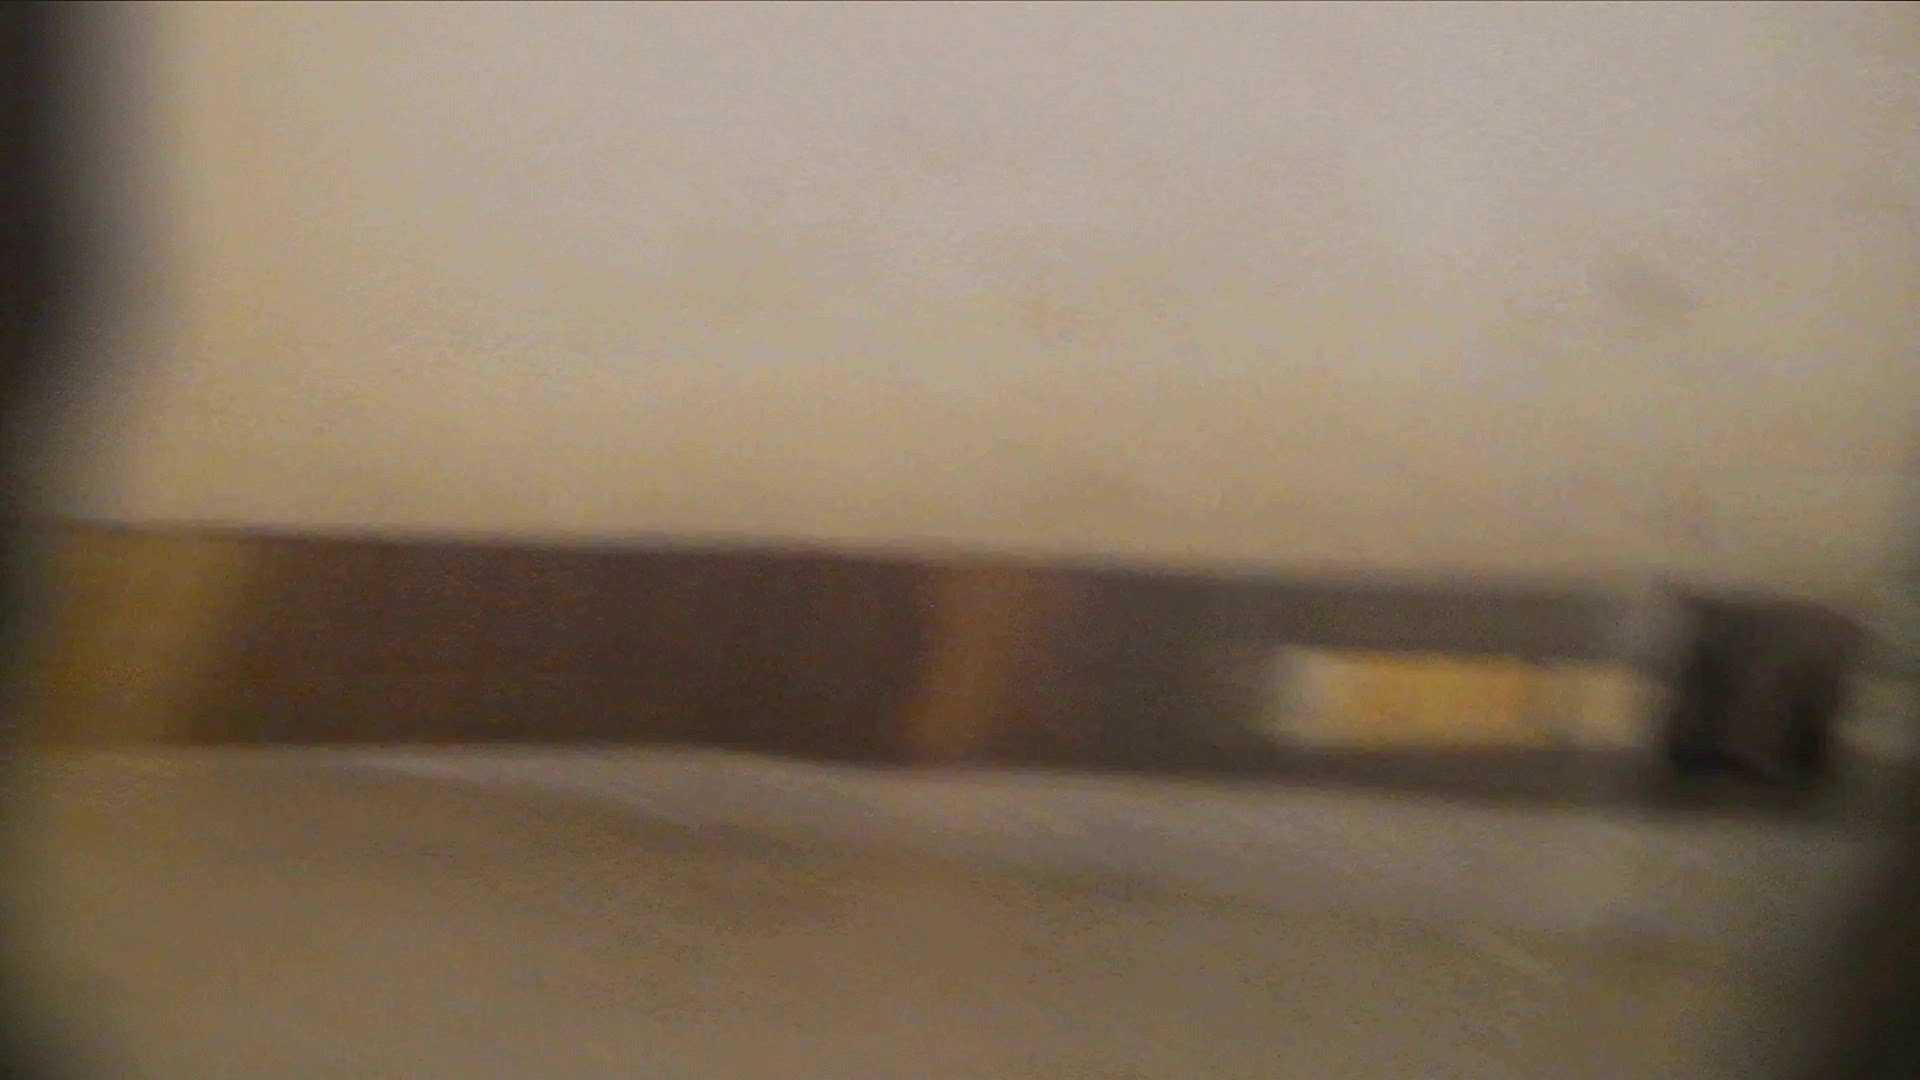 阿国ちゃんの「和式洋式七変化」No.5 洗面所 アダルト動画キャプチャ 67画像 10